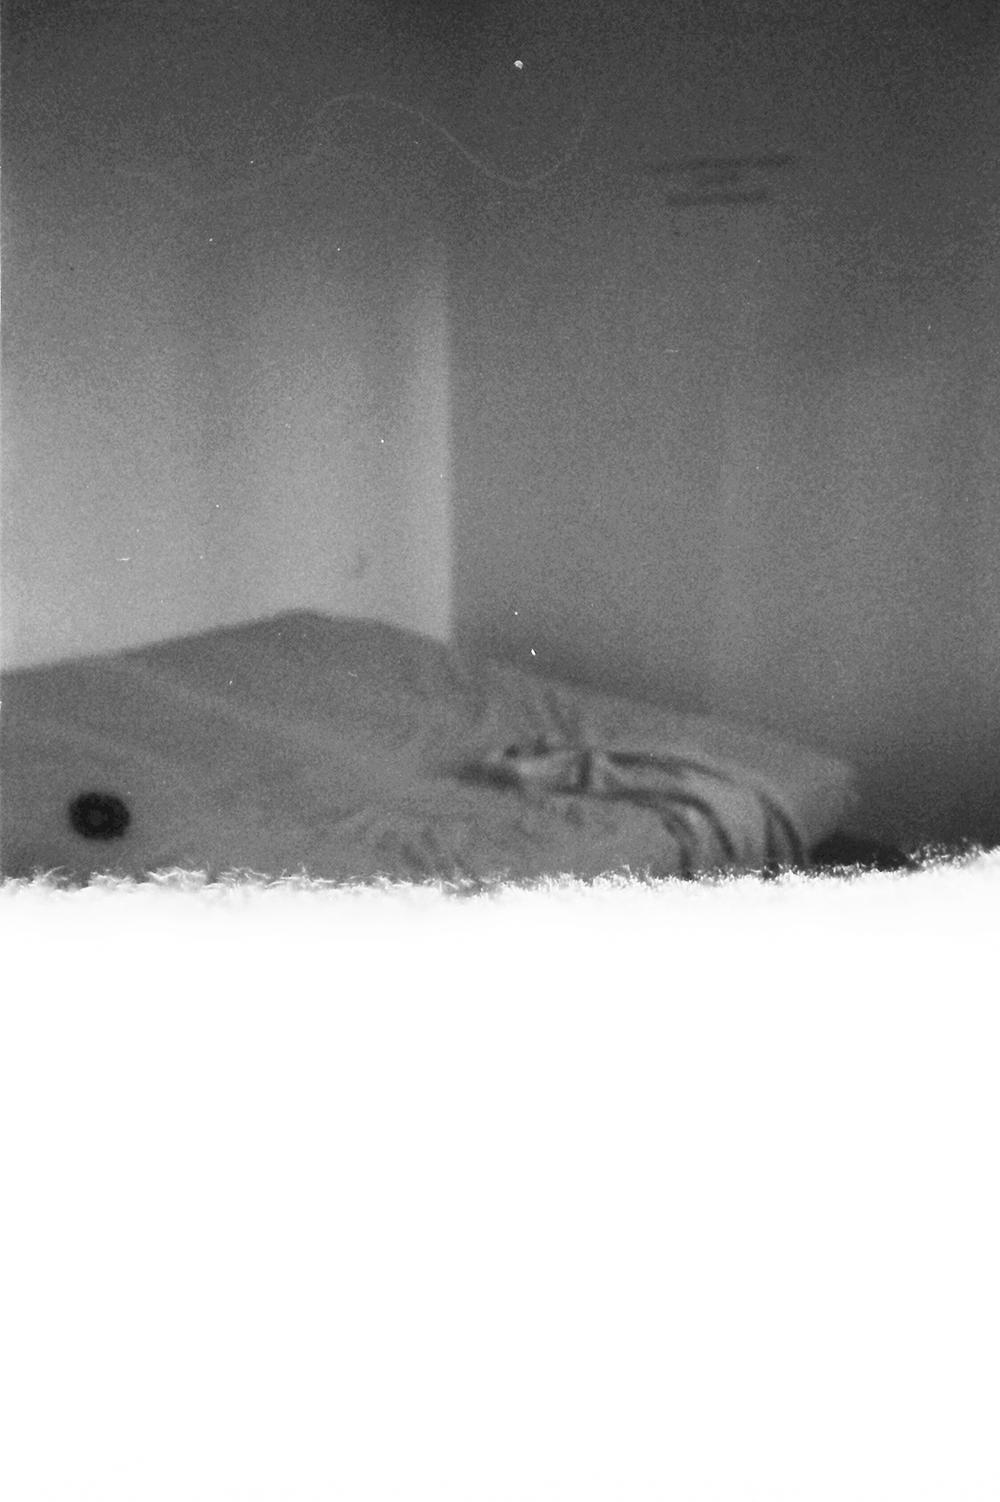 la plume plongea la tete#07.jpg